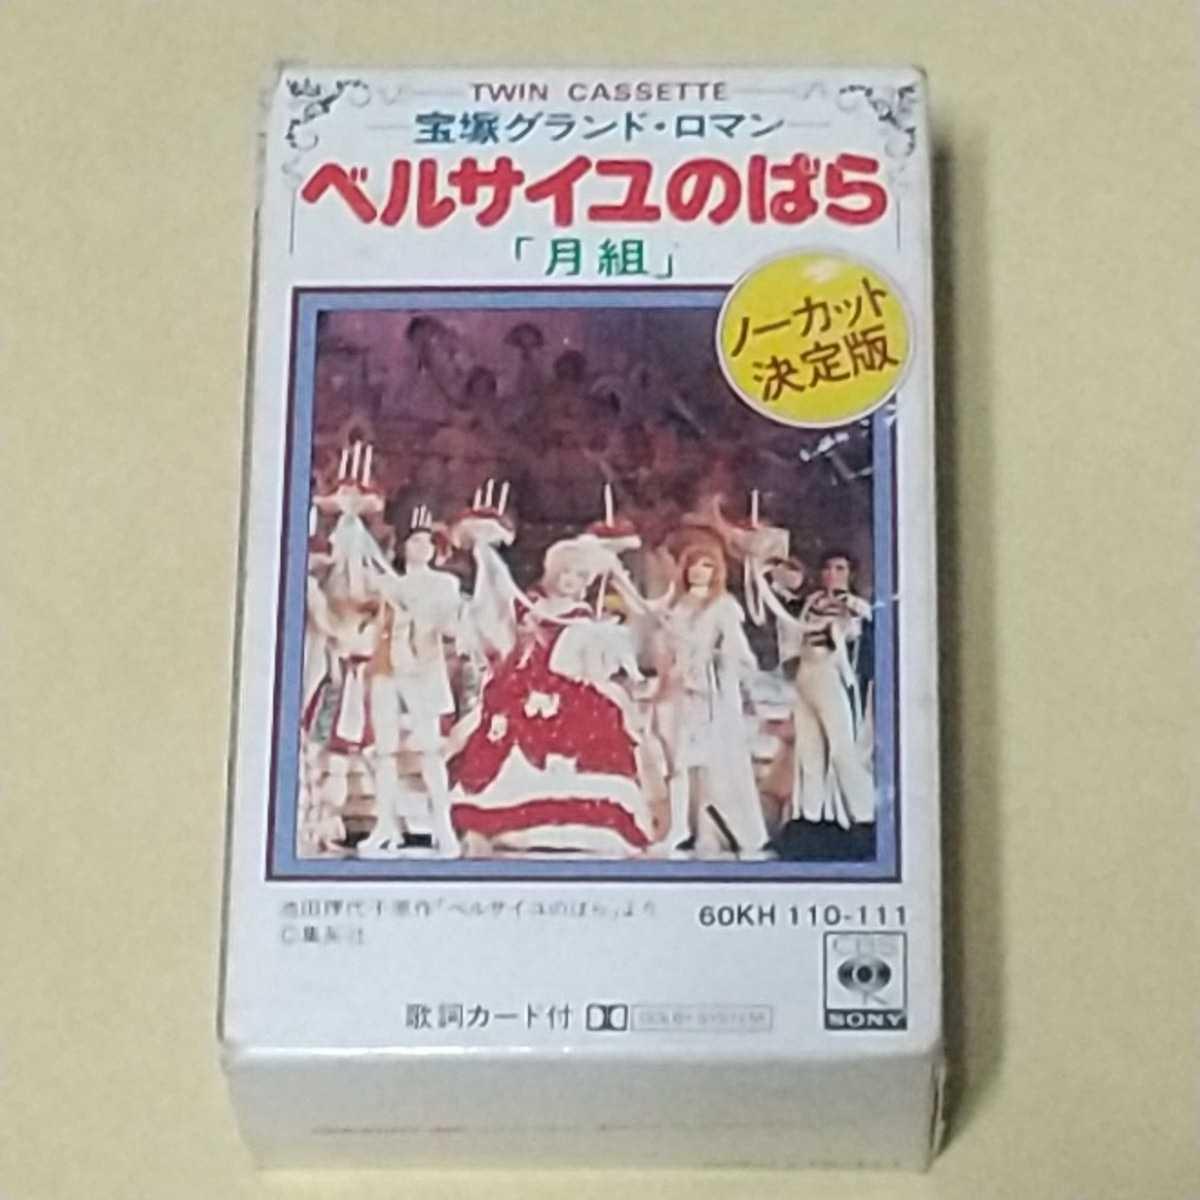 2本組 カセットテープ 宝塚グランド・ロマン ベルサイユのばら ノーカット決定版 歌詞カード付